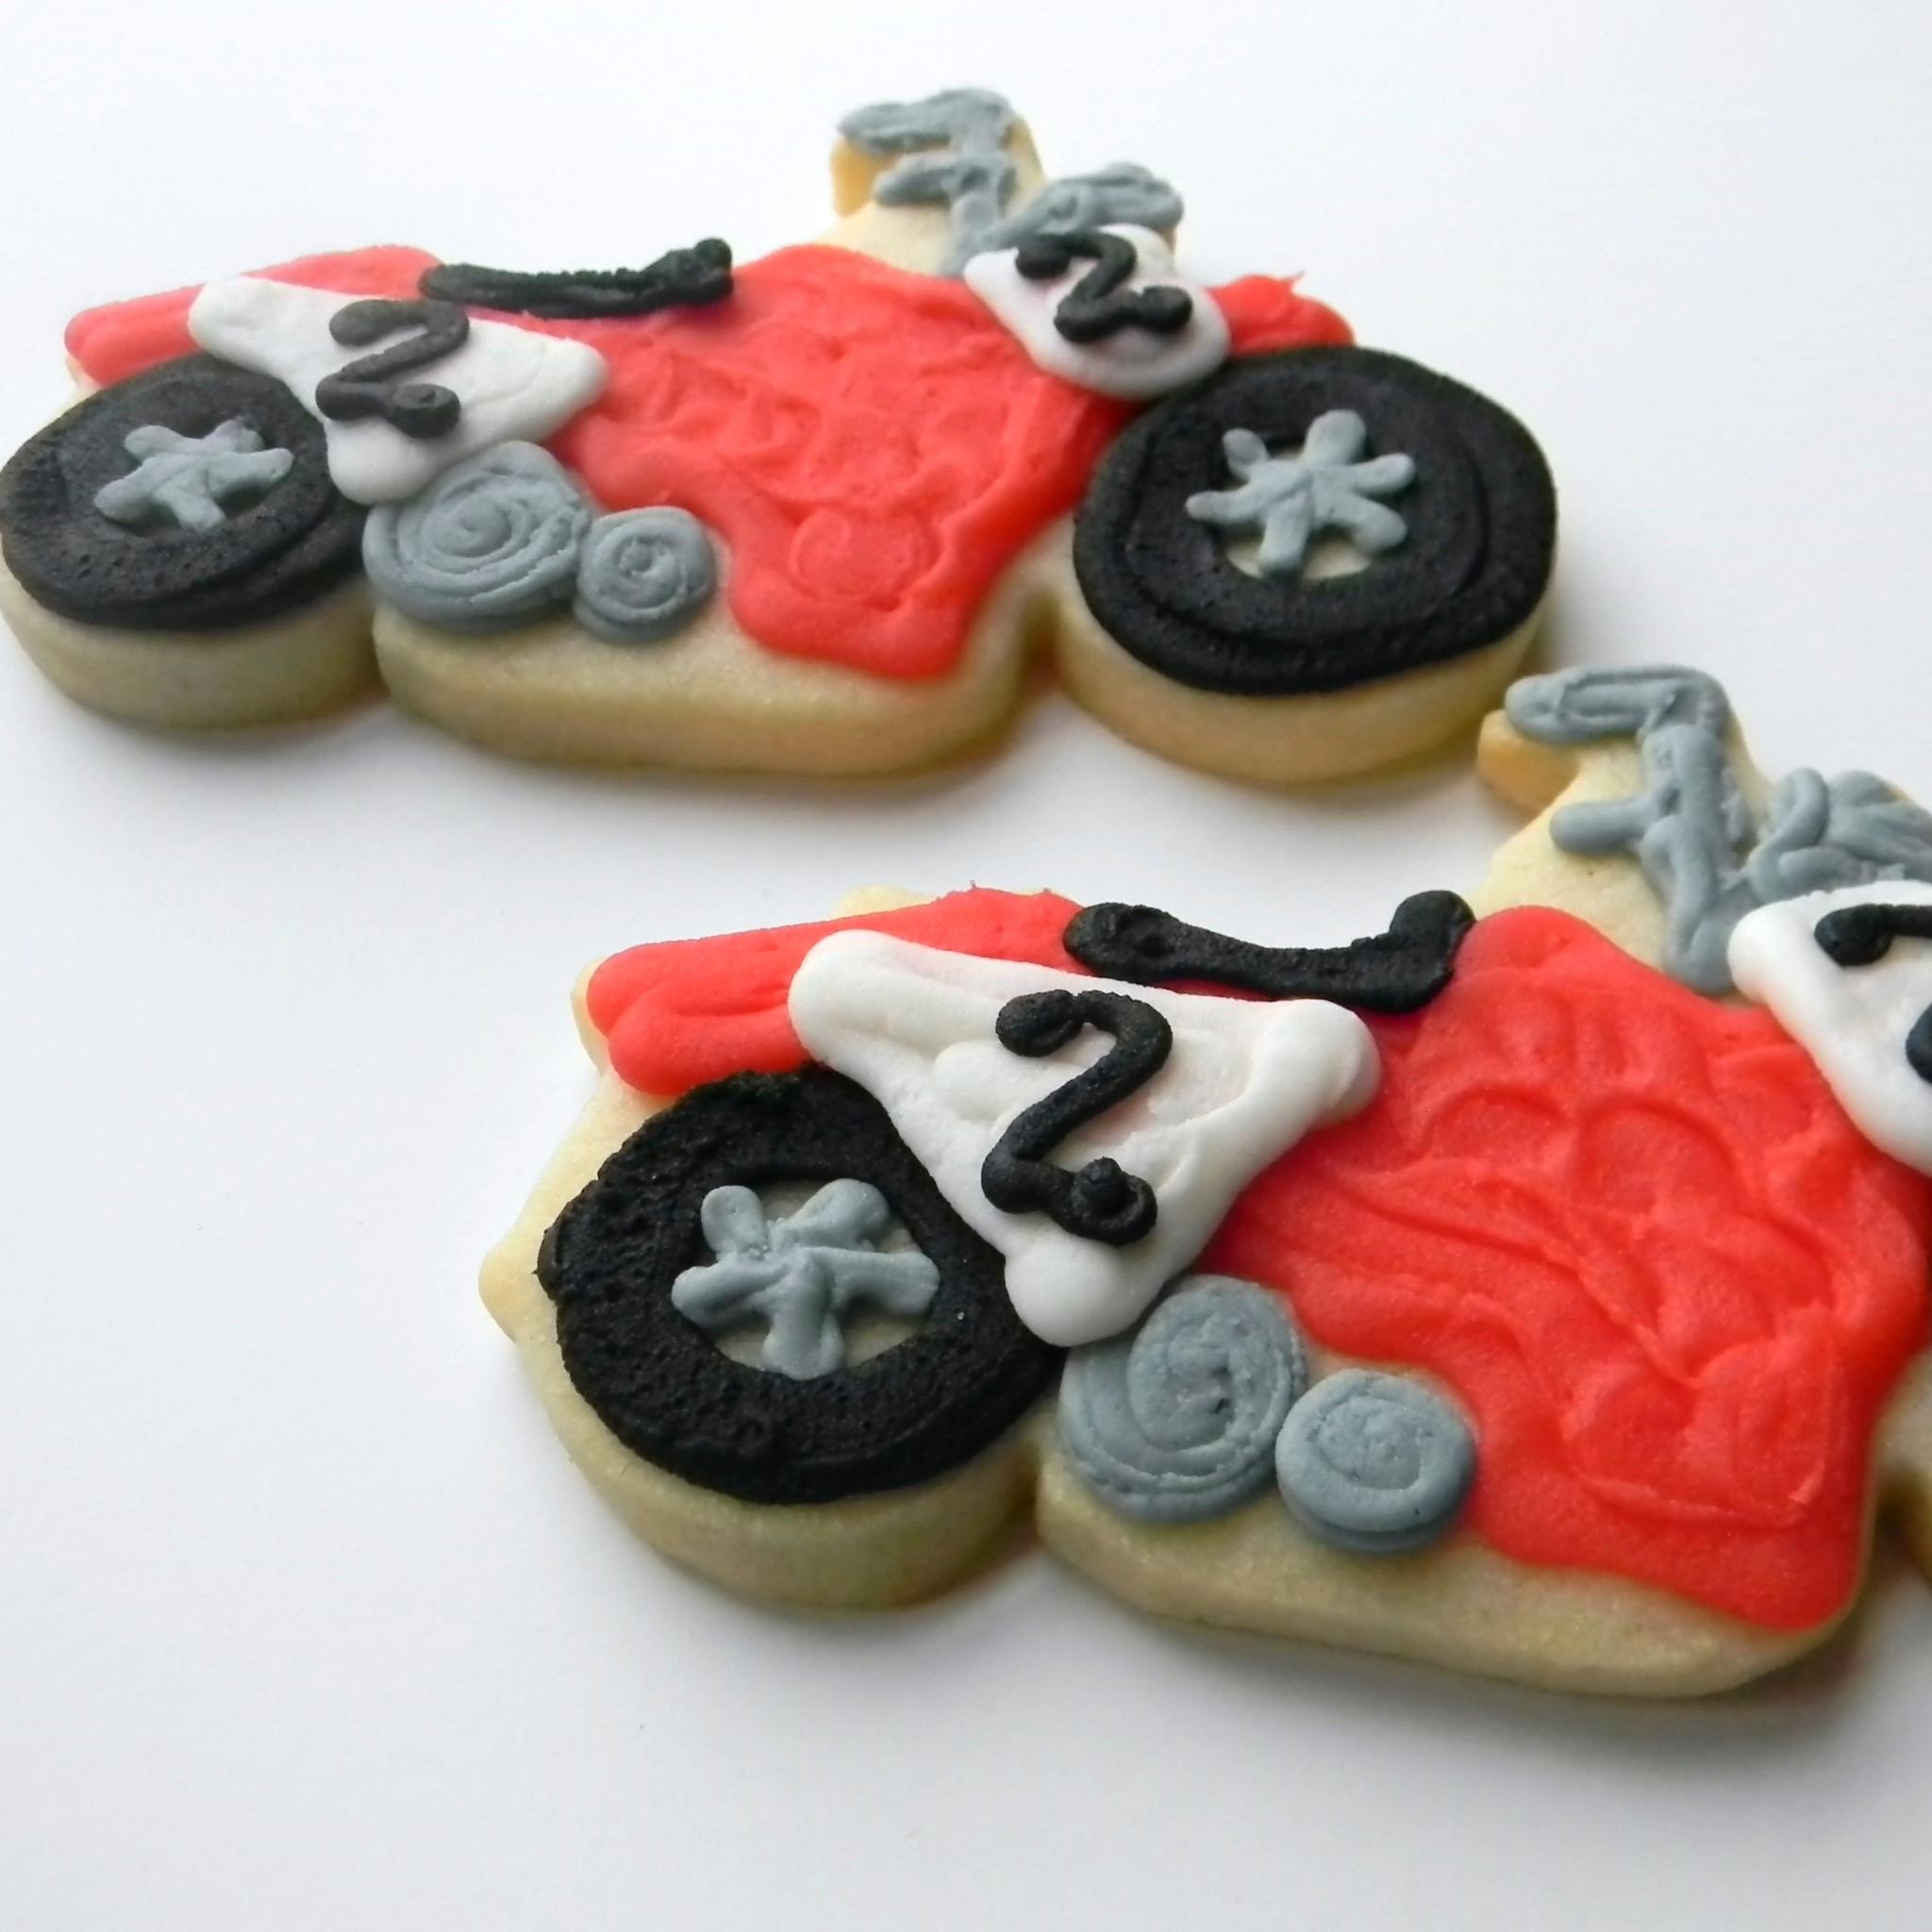 cookies.transportation.motorcycle.2.jpg